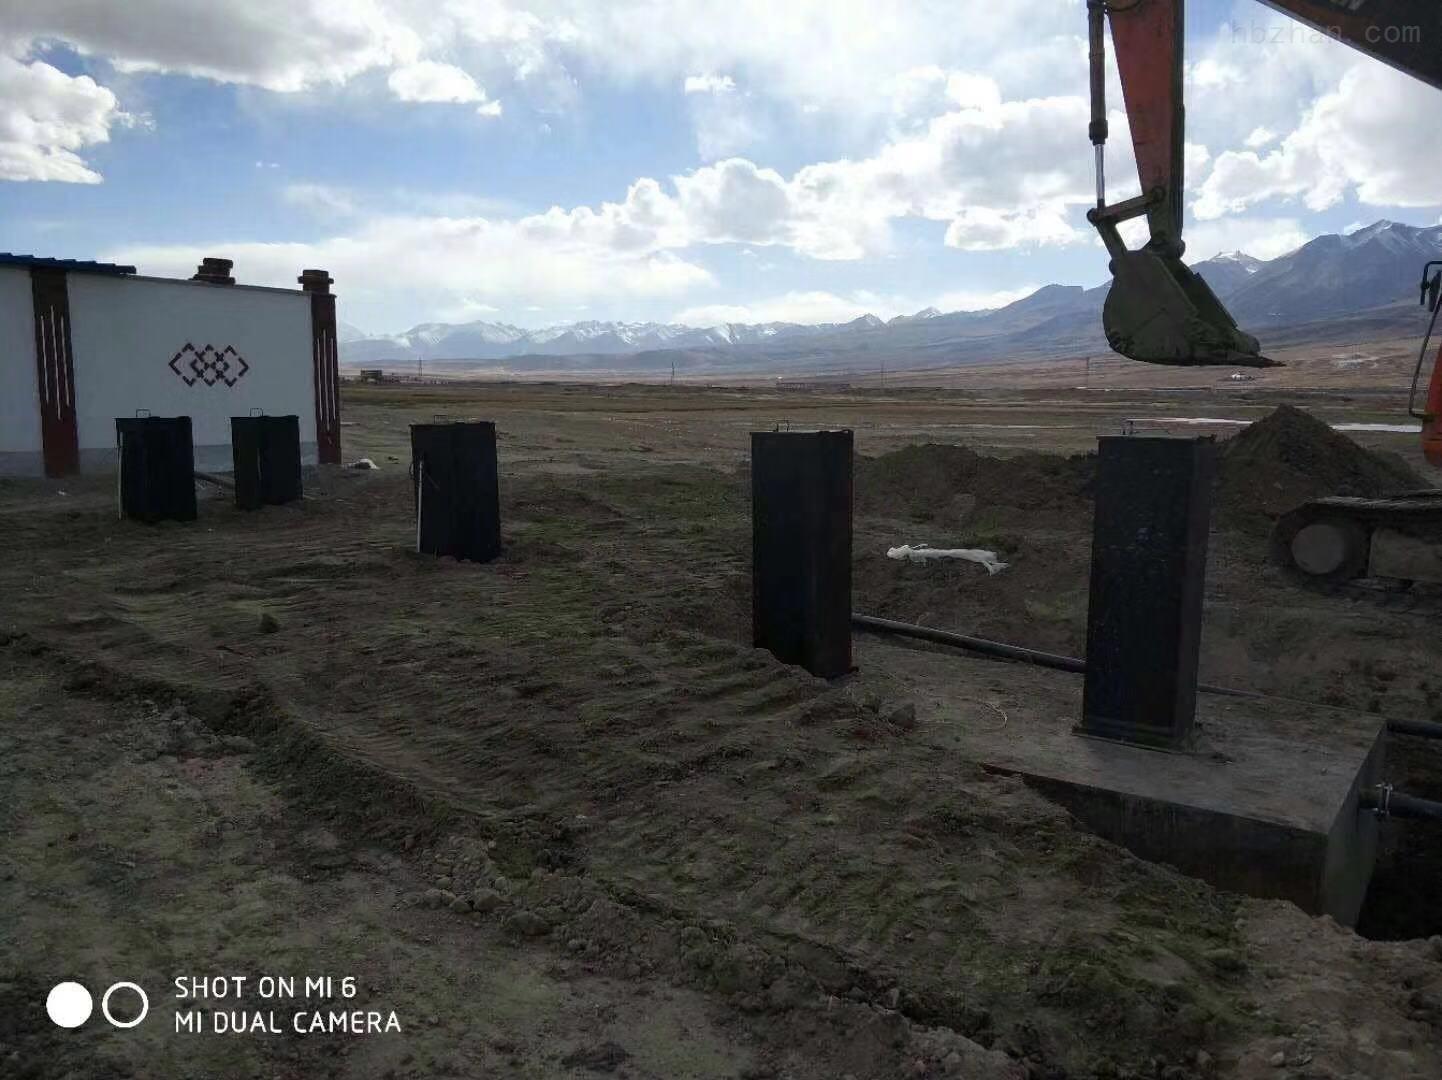 内蒙古自治区乌兰察布不锈钢一体化设备工艺特点